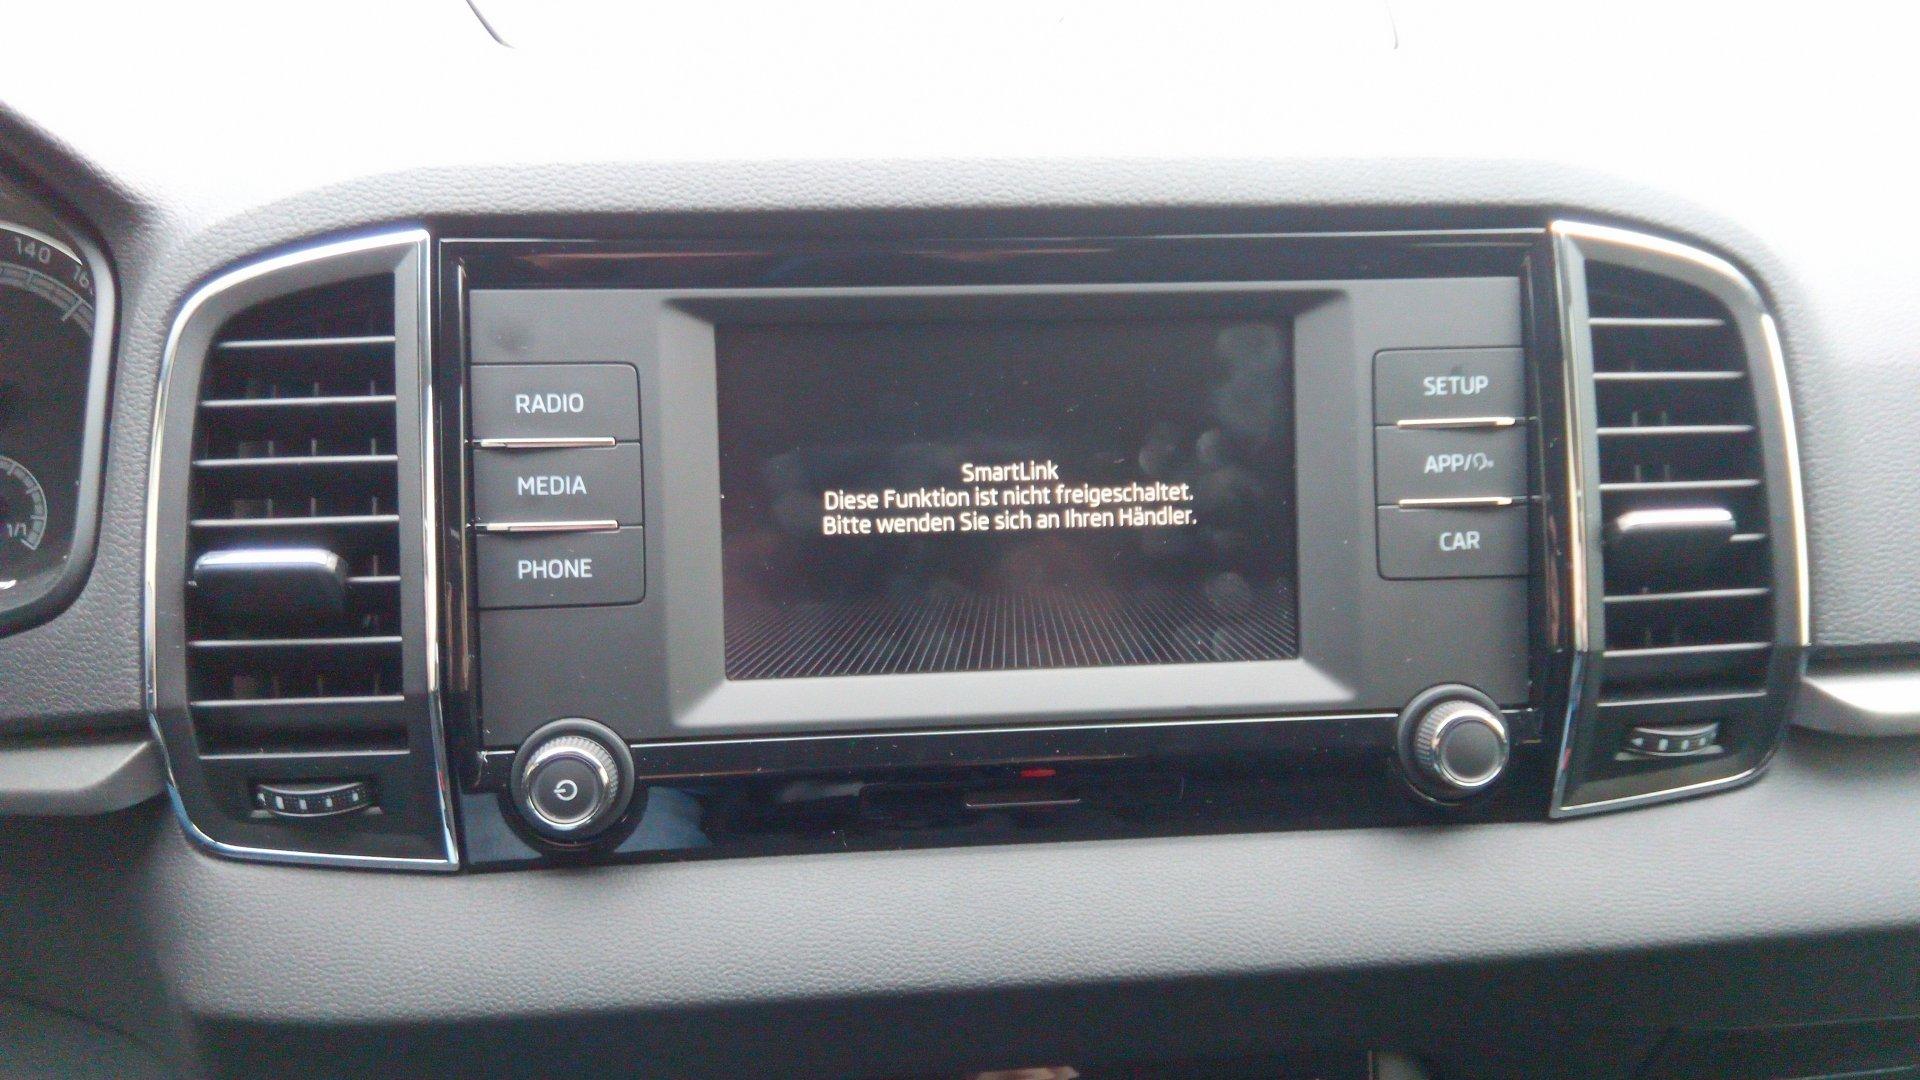 Karoq - Karoq Smartlink bei Swing Radio freischalten lassen